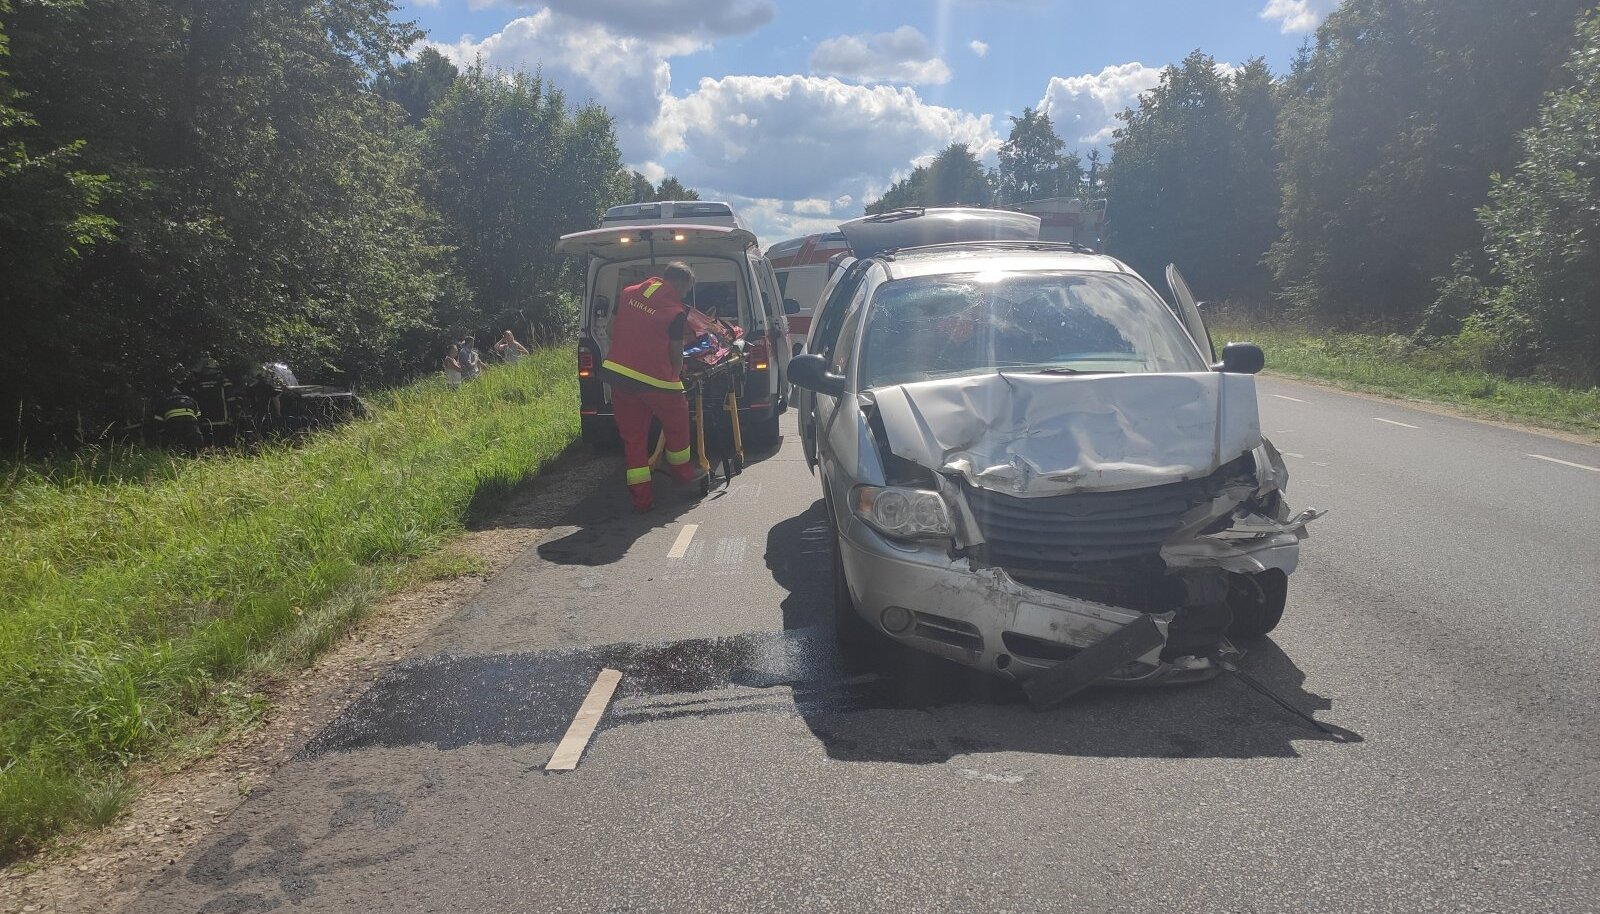 Liiklusõnnetus Tartumaal